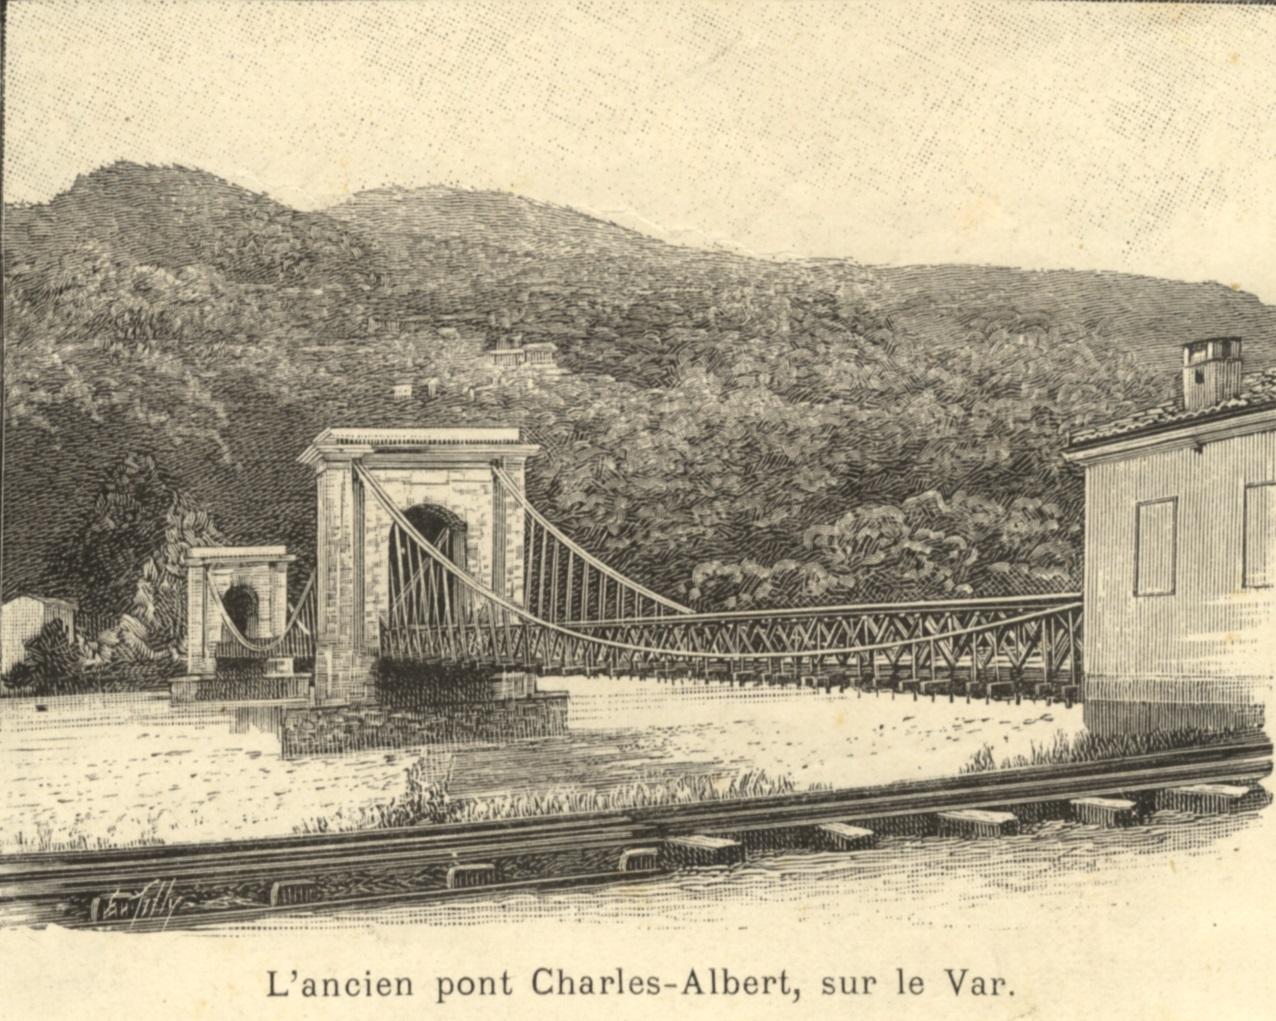 L'ancien pont Charles-Albert sur le Var